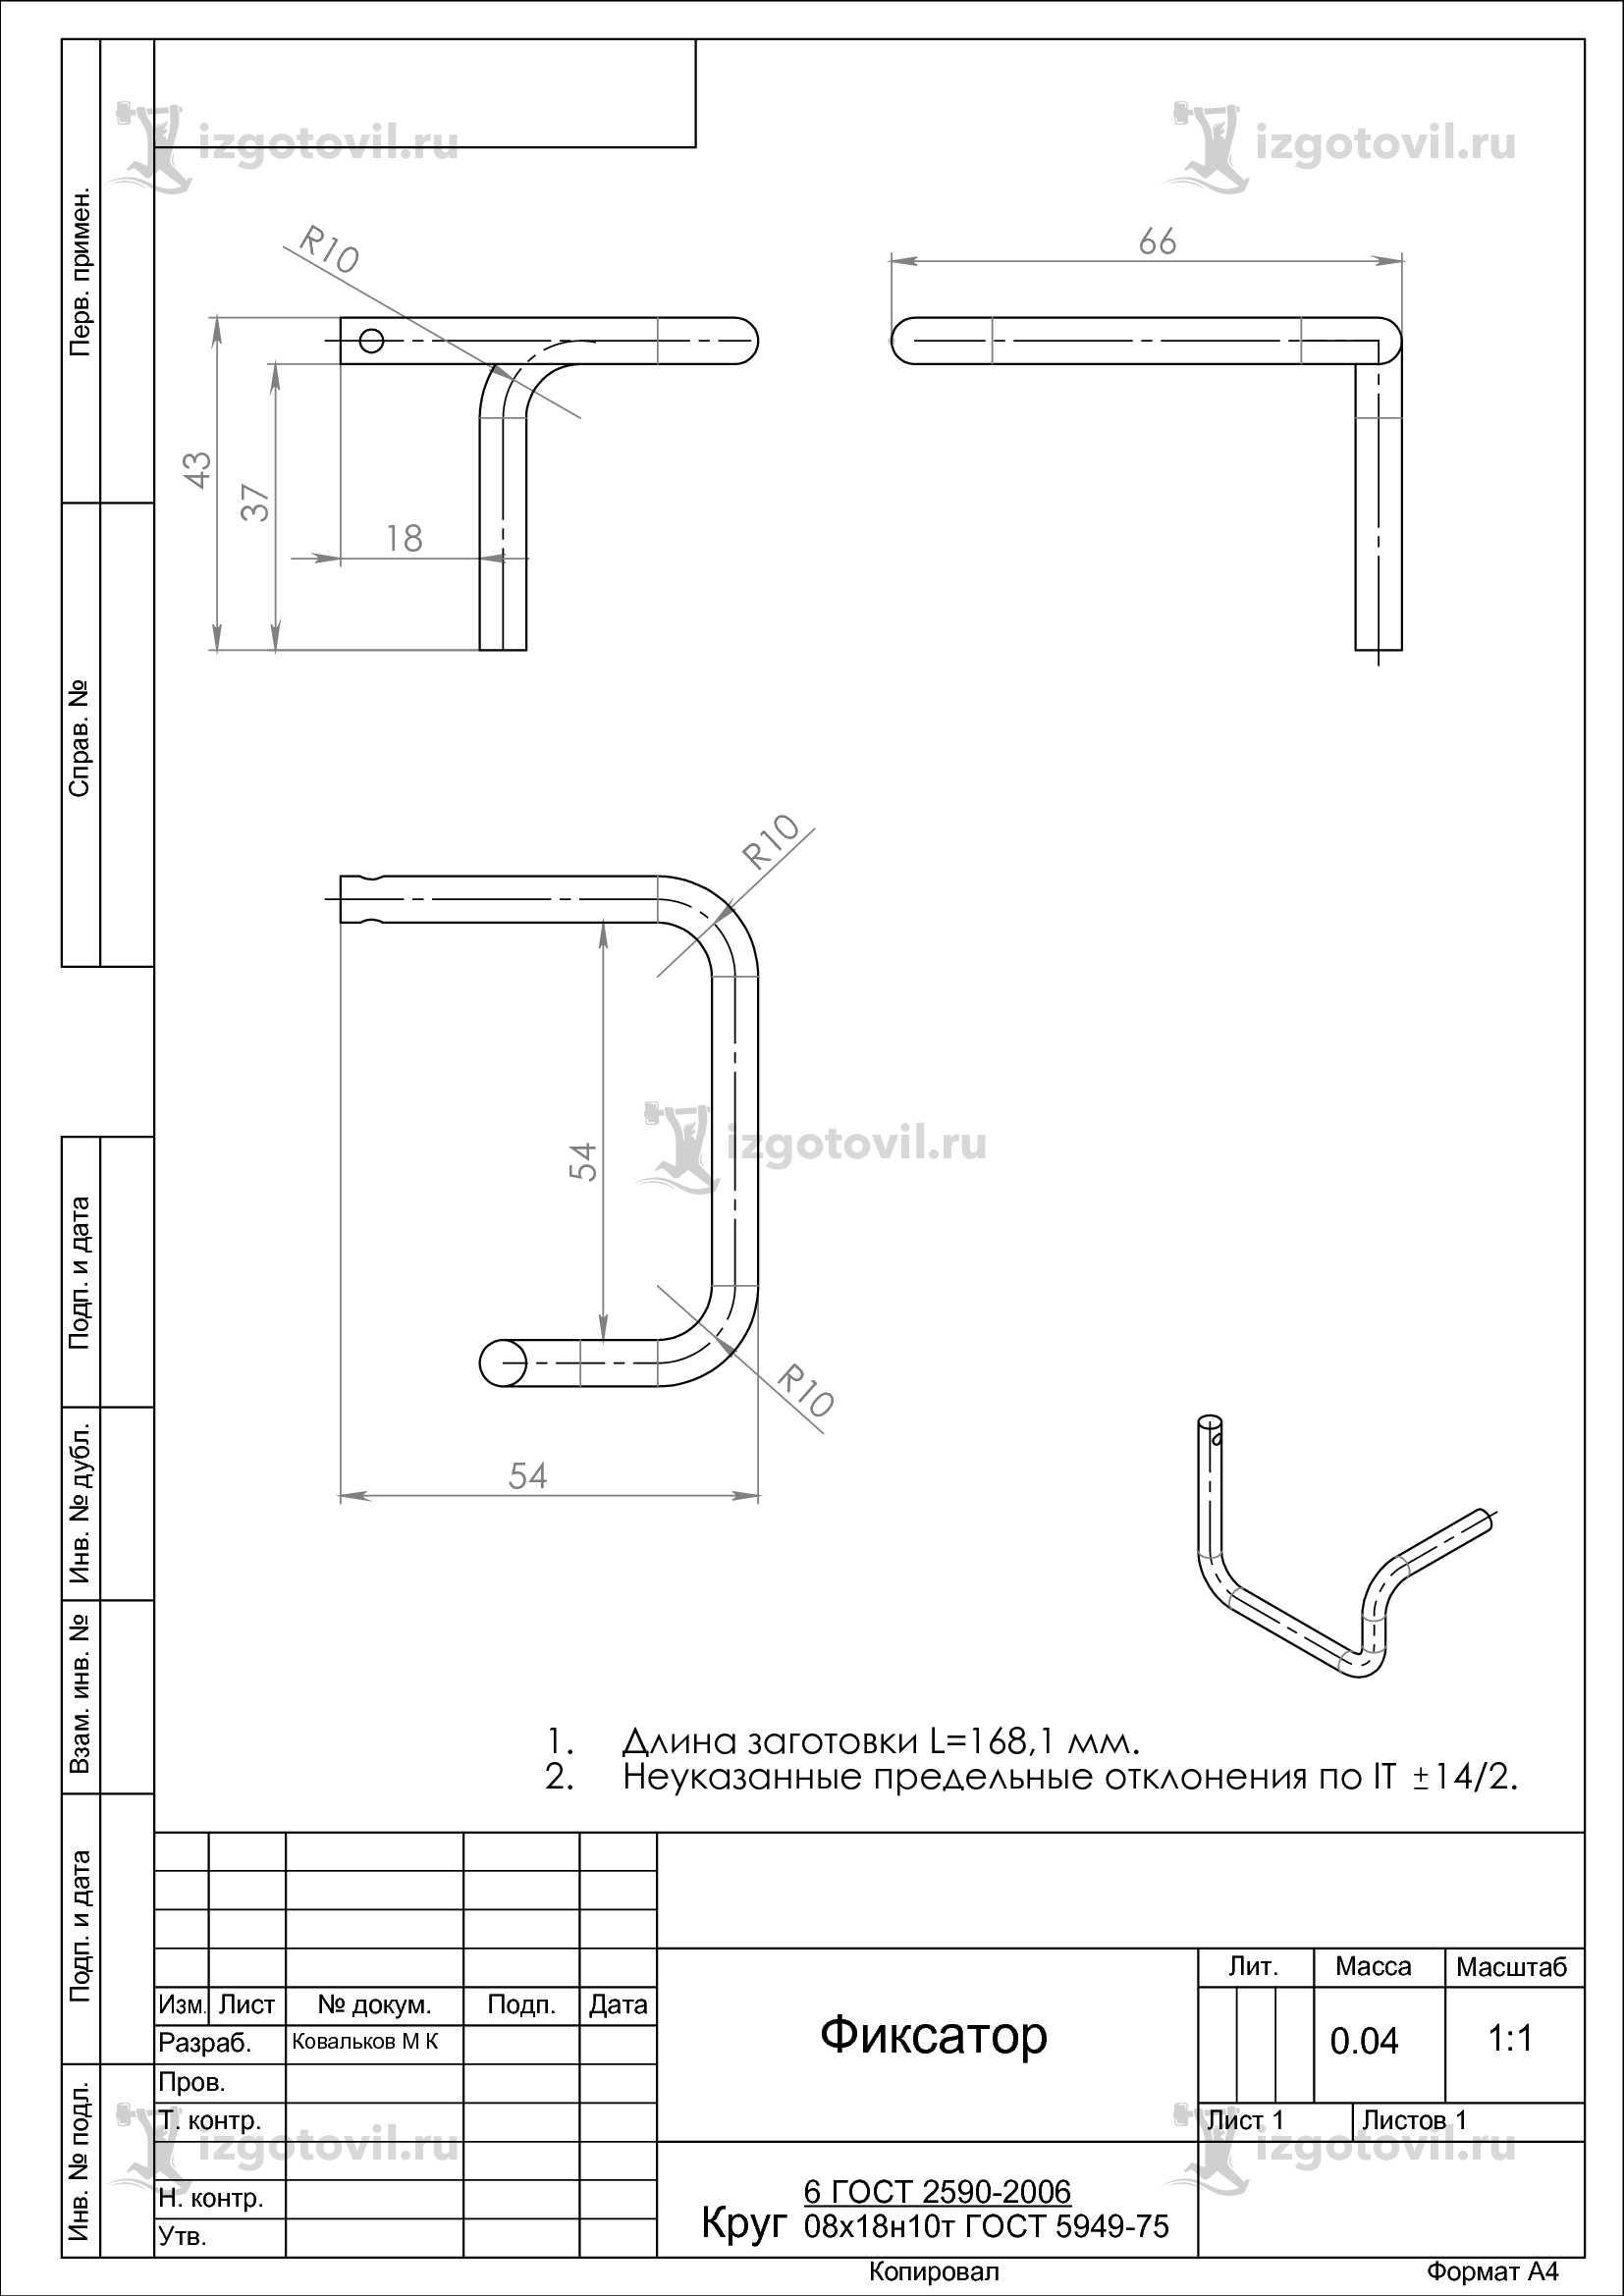 Изготовление деталей на заказ (фиксатор)